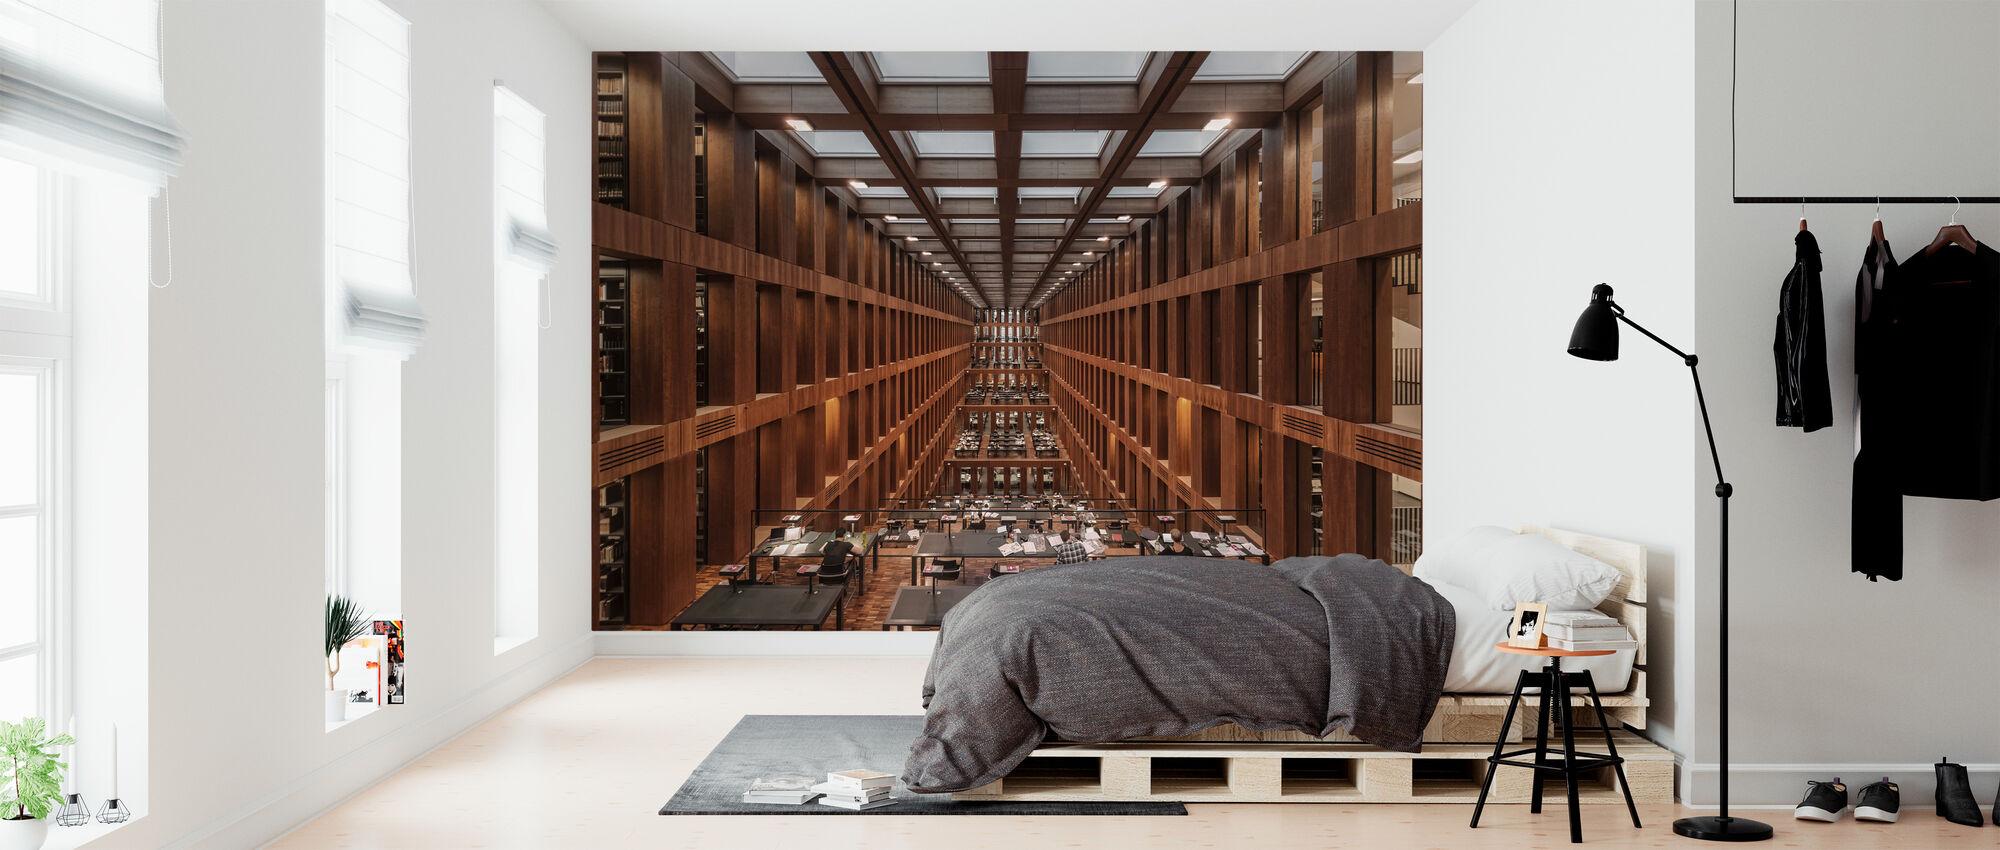 Bibliotek i Berlin - Tapet - Sovrum